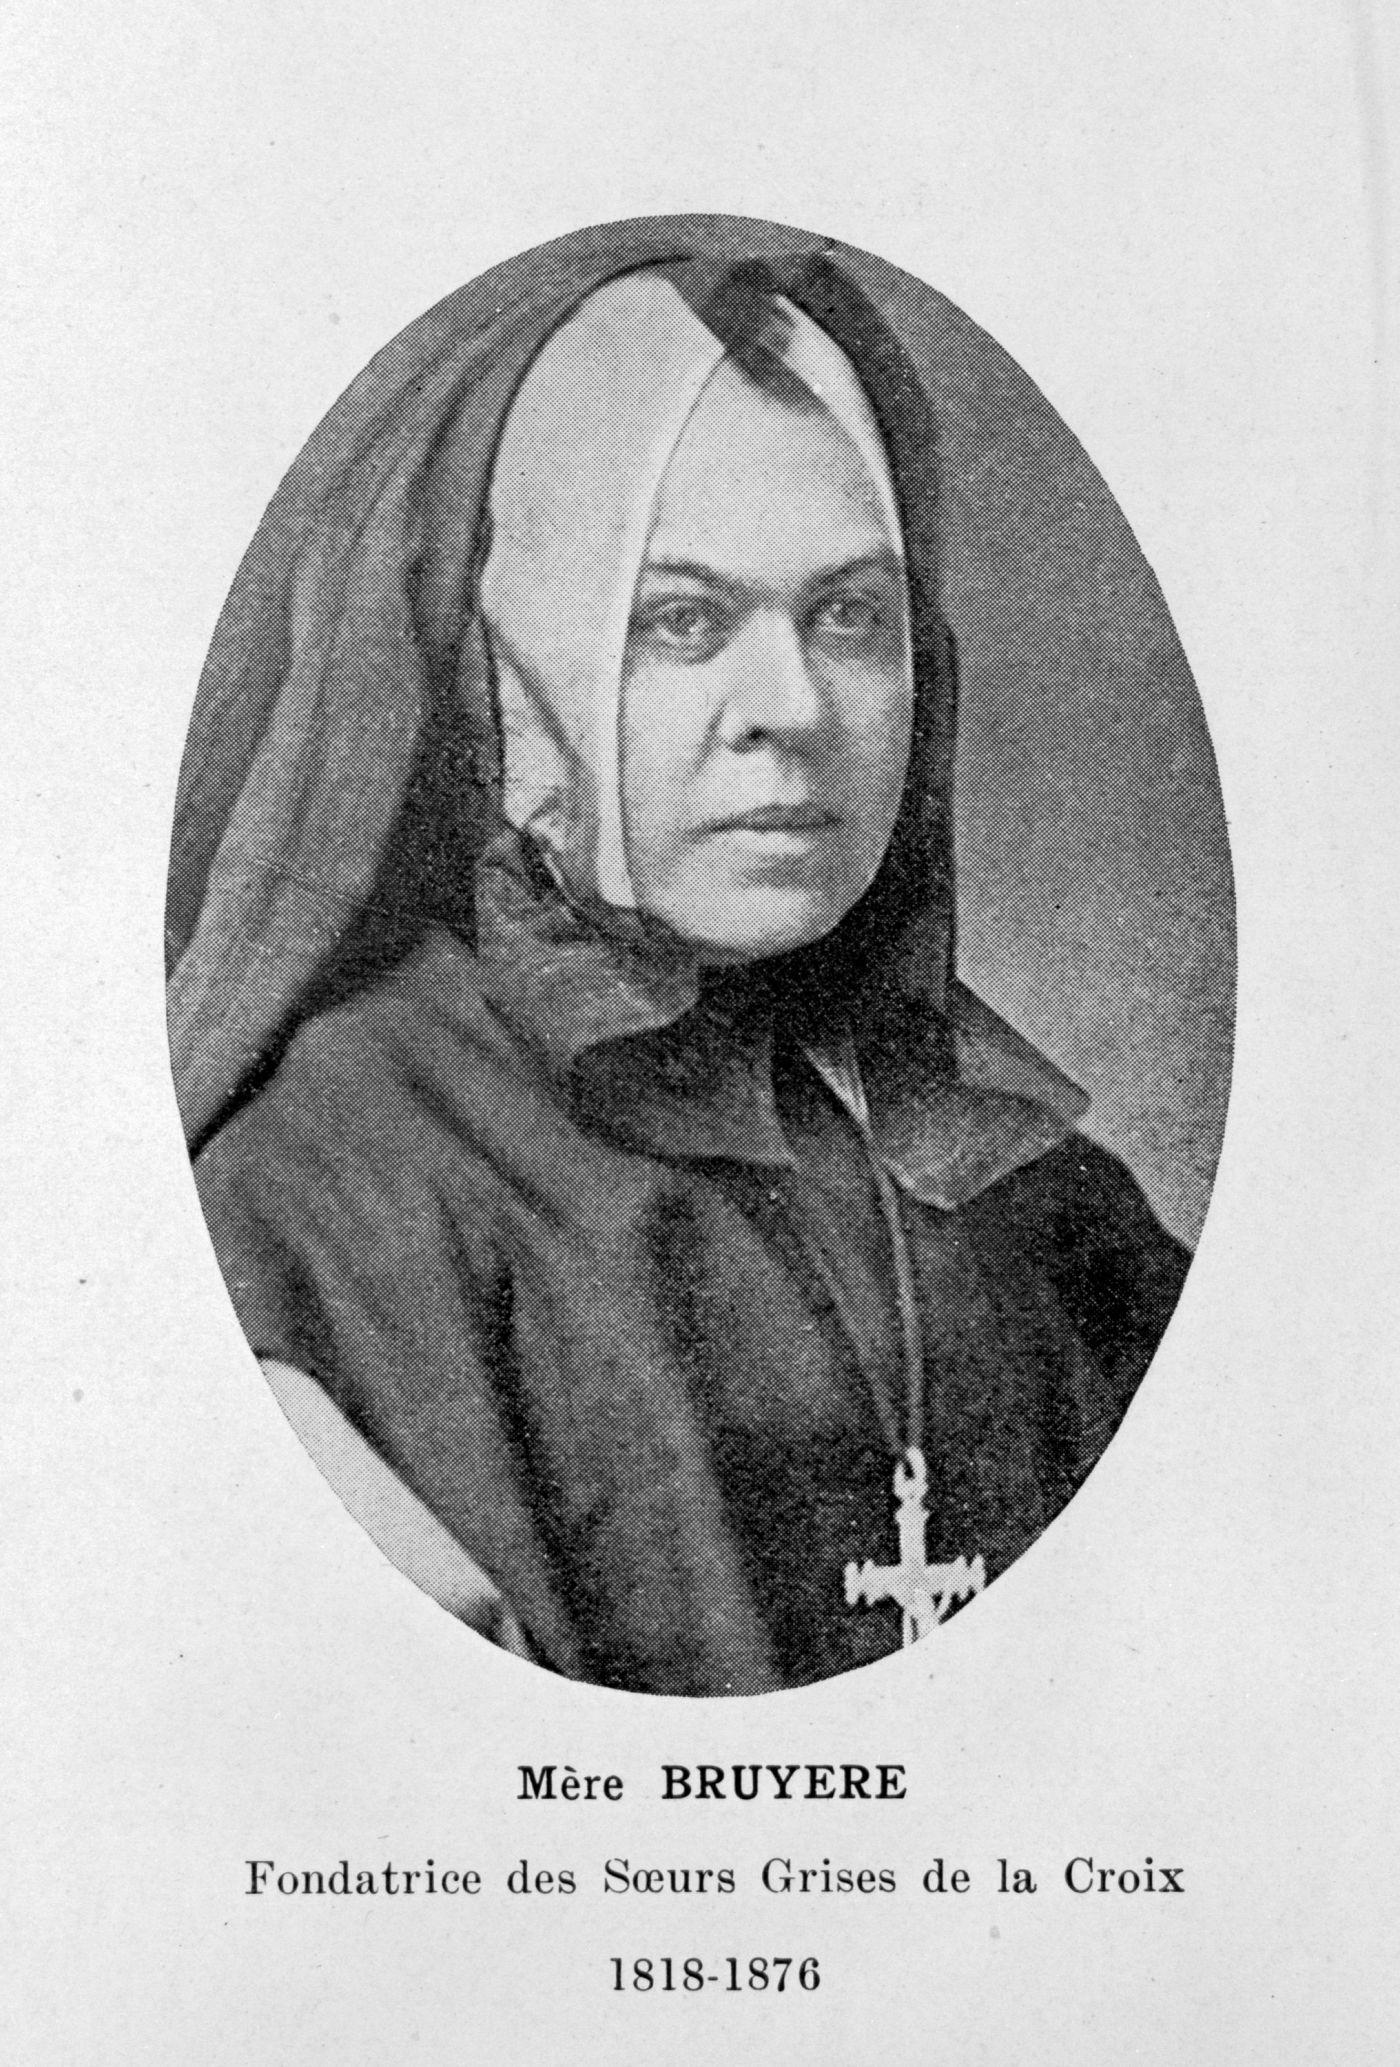 Page tirée d'un livre sur laquelle apparaît une photographie en noir et blanc d'une religieuse d'âge mûr. Un texte dactylographié en français accompagne la photo. La religieuse porte un habit et une coiffe noirs, ainsi qu'une grande croix.